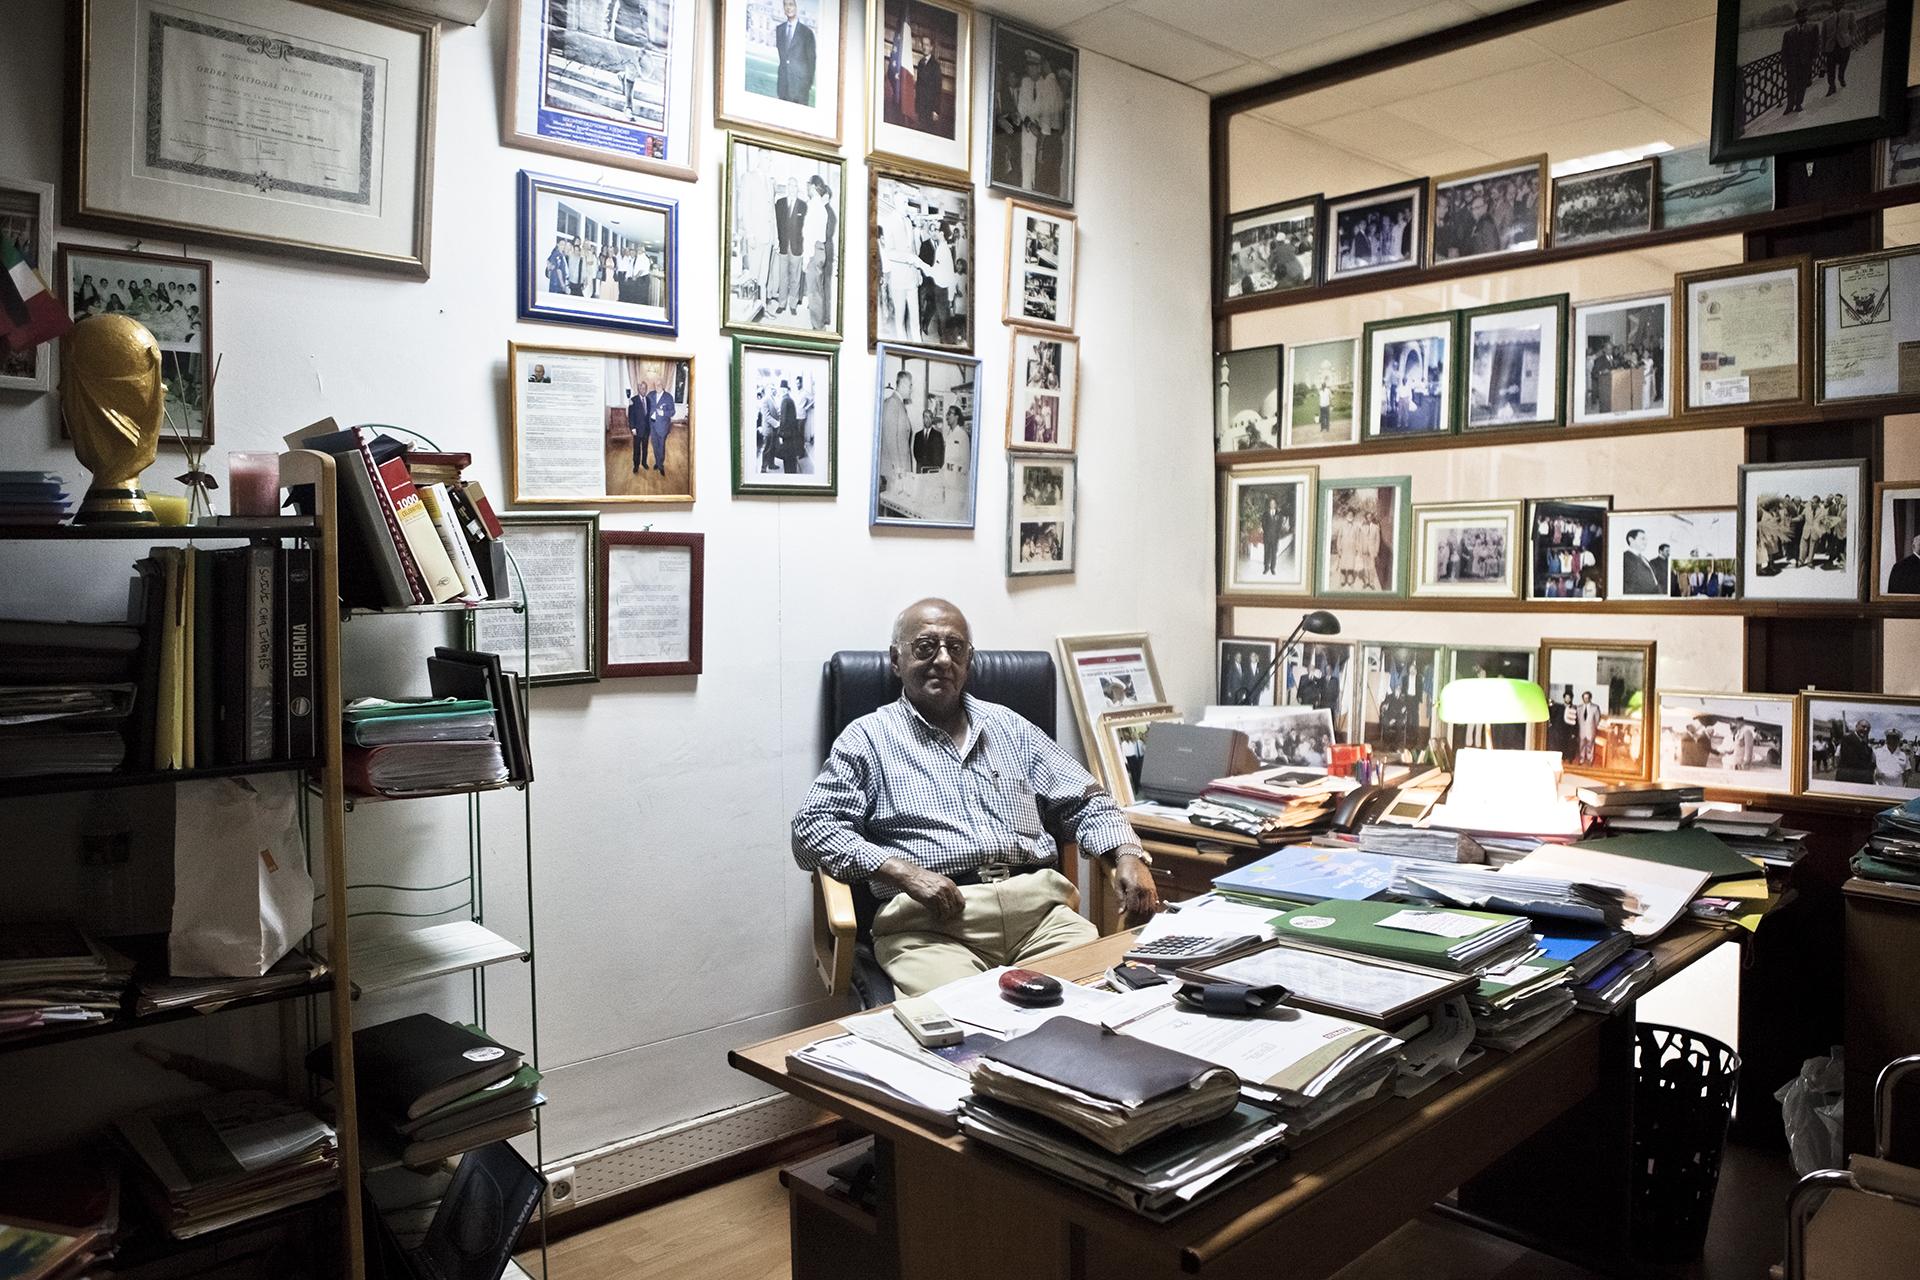 Saint-Pierre, Ile de la Réunion. Novembre 2012.Bureau de M. Ousmane Omarjee, situé au-dessus de son magasin, dans la rue principale de Saint-Pierre. Il est une figure respectée de la communauté musulmane sunnite de l'île. Son grand-père, arrivé à la Réunion en 1875, était chargé par une société indienne de développer les commerces de tissus, de grains et d'autres produits hallal entre l'Inde et la Réunion. La famille Oumarjee est connue pour son activité commerciale mais aussi politique, ayant eu de nombreux échanges avec la sphère politique française et internationale. Trois semaines après mon passage, le magasin ainsi que le bureau de M. Oumarje ont brûlé, entraînant la disparition d'un pan de l'histoire de la communauté indo-musulmane.